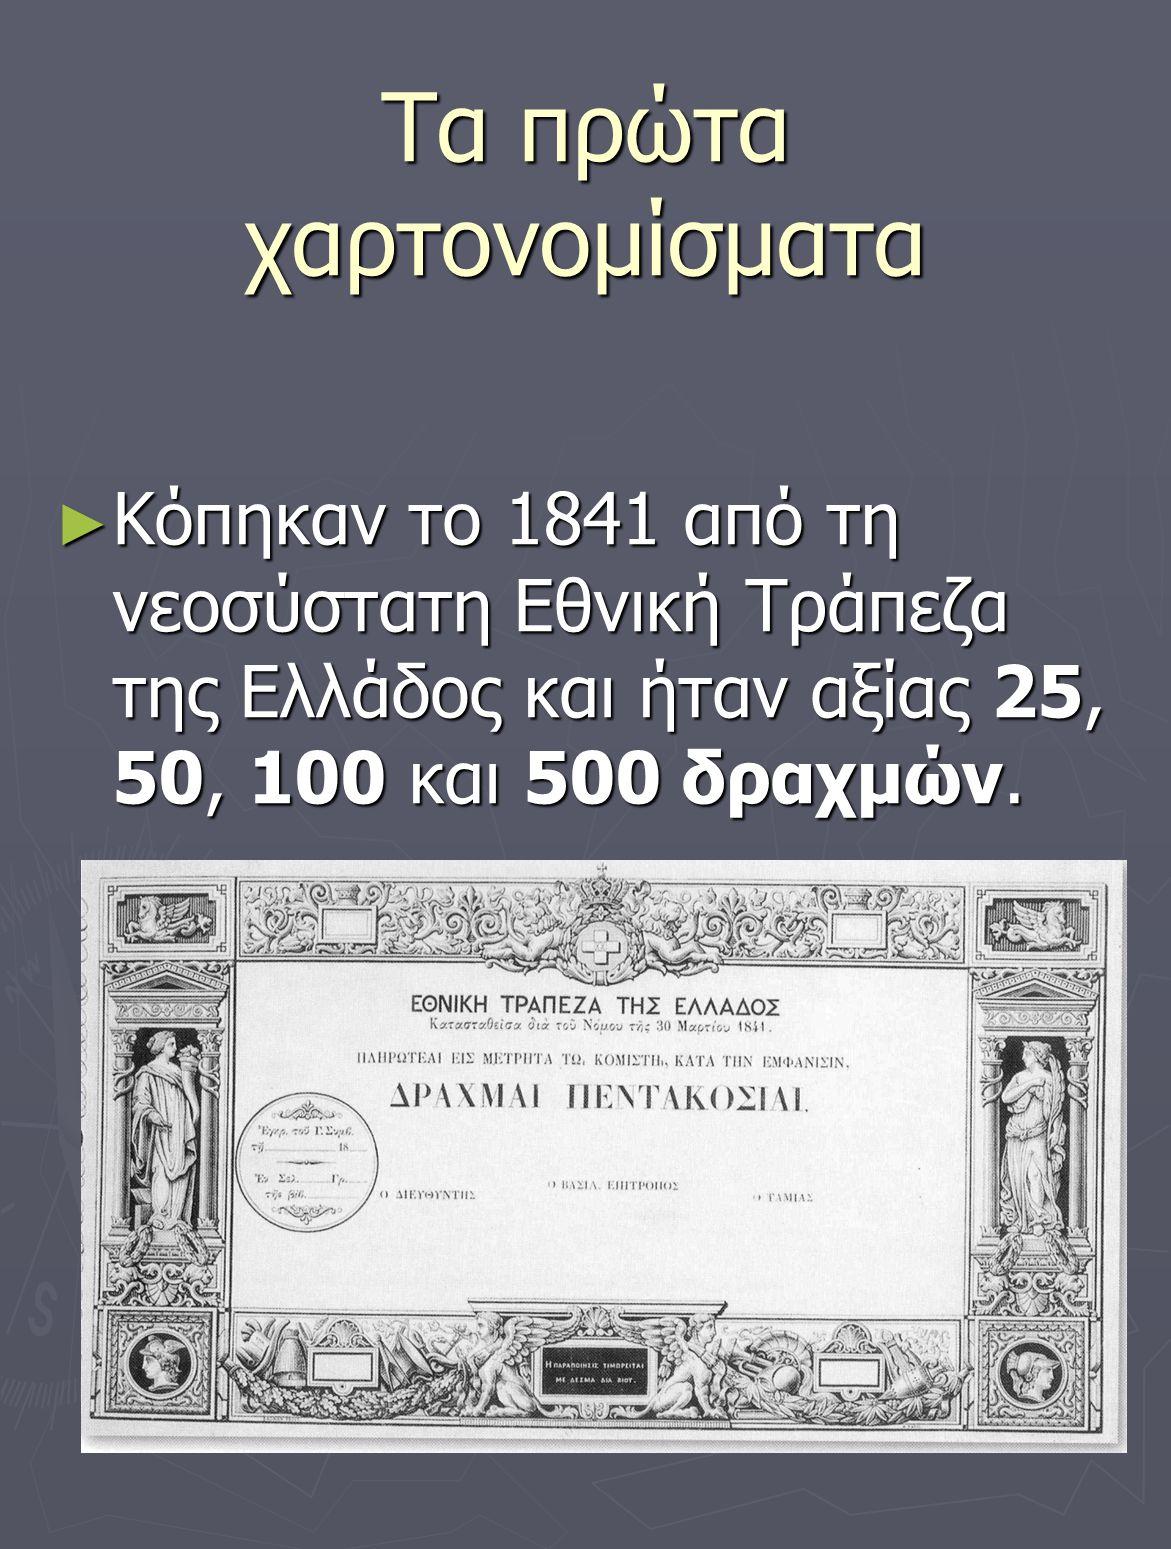 Νομισματικοί περίοδοι ► Βασιλιάς Όθων (1832 – 1862) ► Βασιλιάς Γεώργιος Α' (1863 – 1913) ► Κρητική πολιτεία (1896 – 1906)